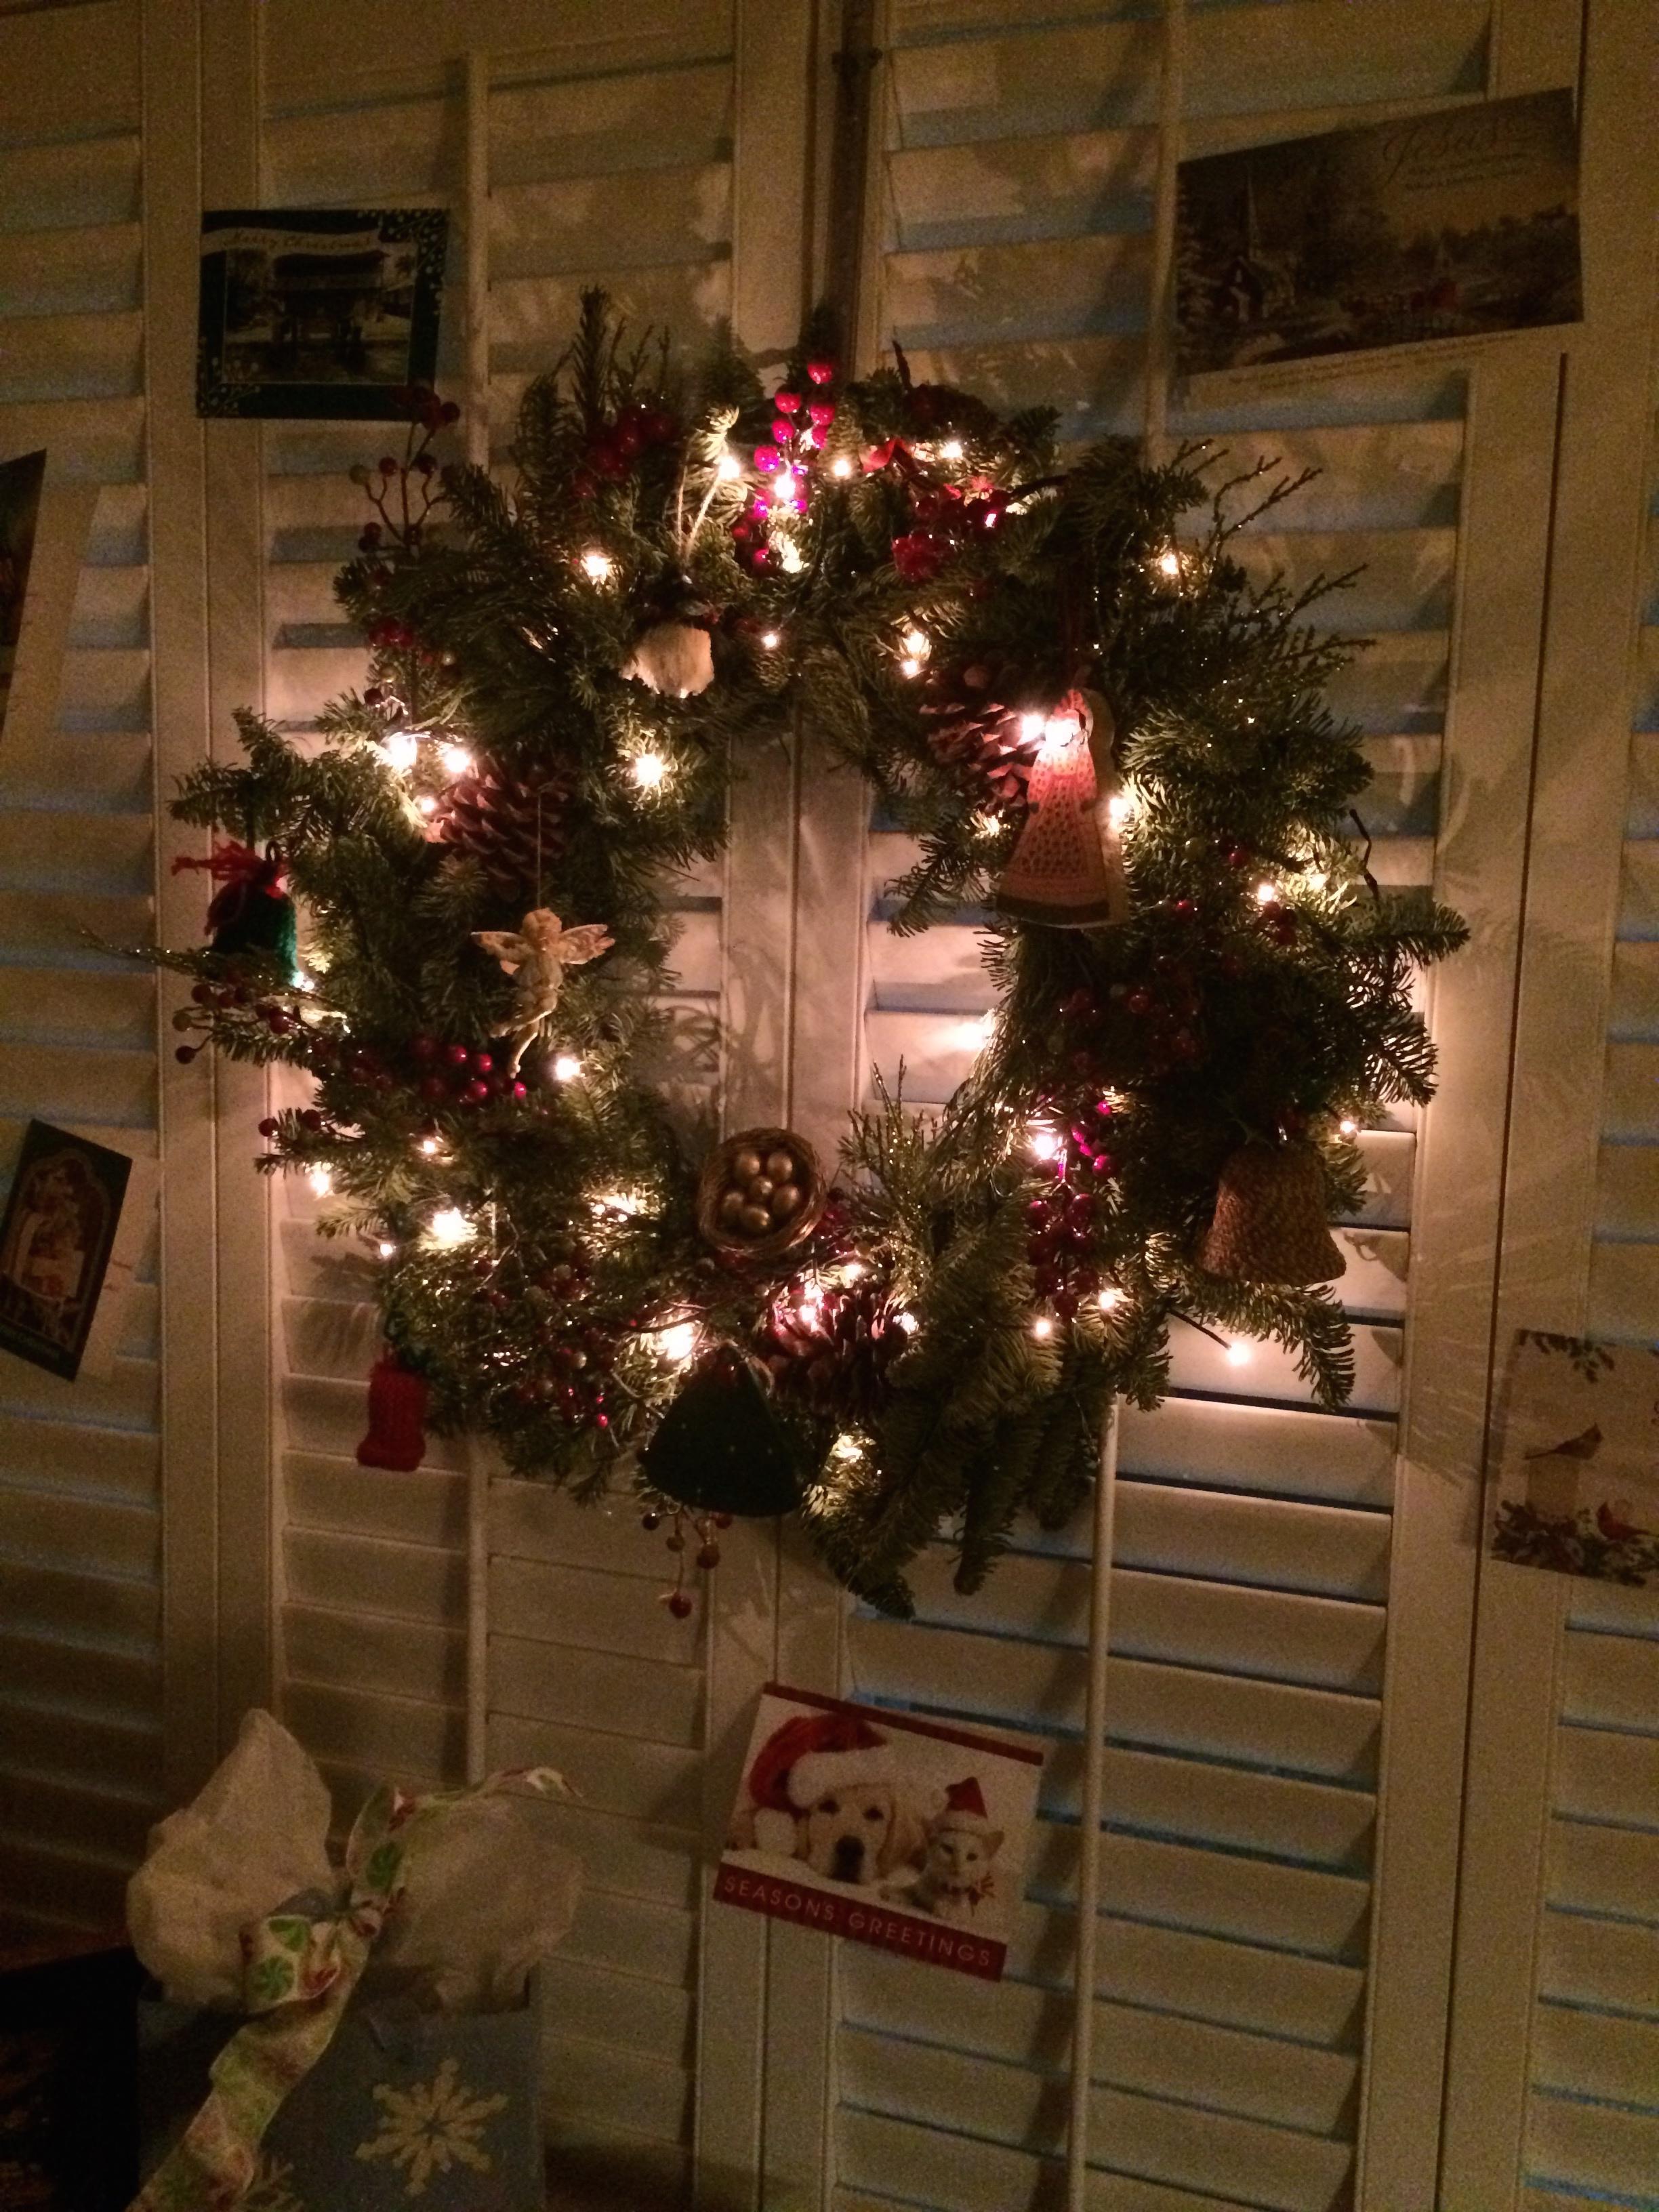 Our Christmas Wreath